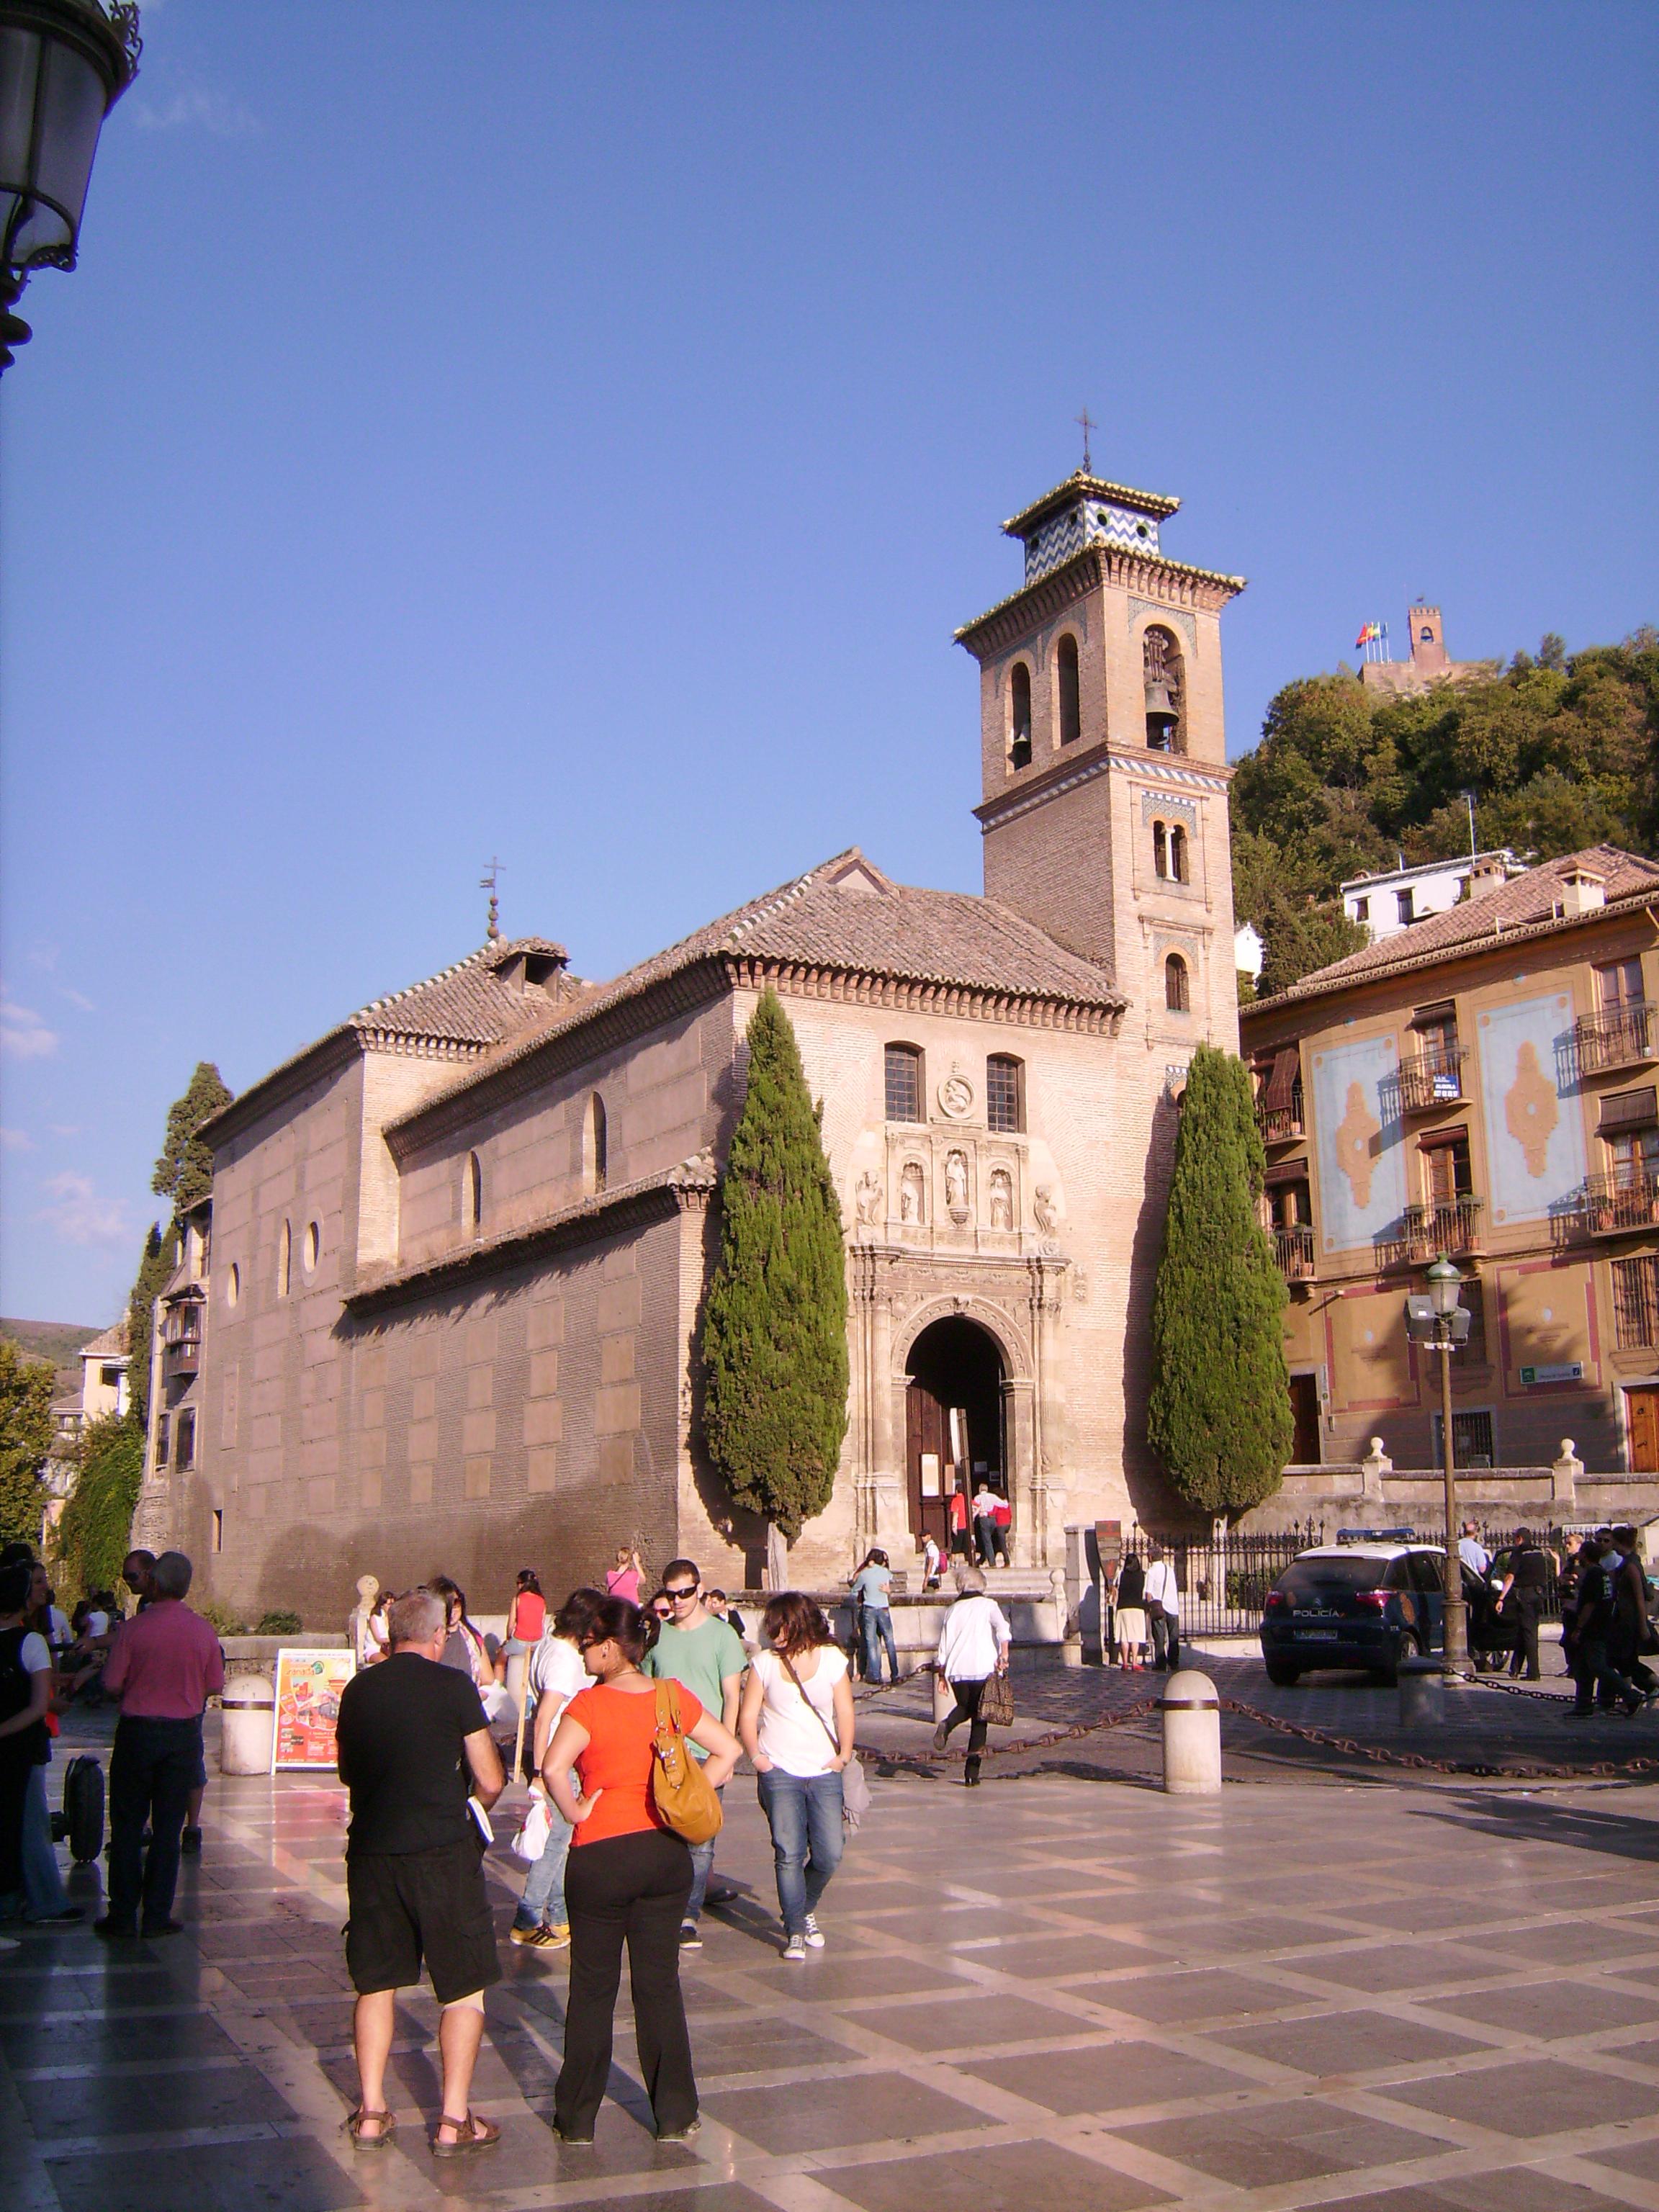 Gyakorlatilag egybeépült a Plaza de Santa Ana térrel, amely azonban kicsit meghittebb, csendesebb.